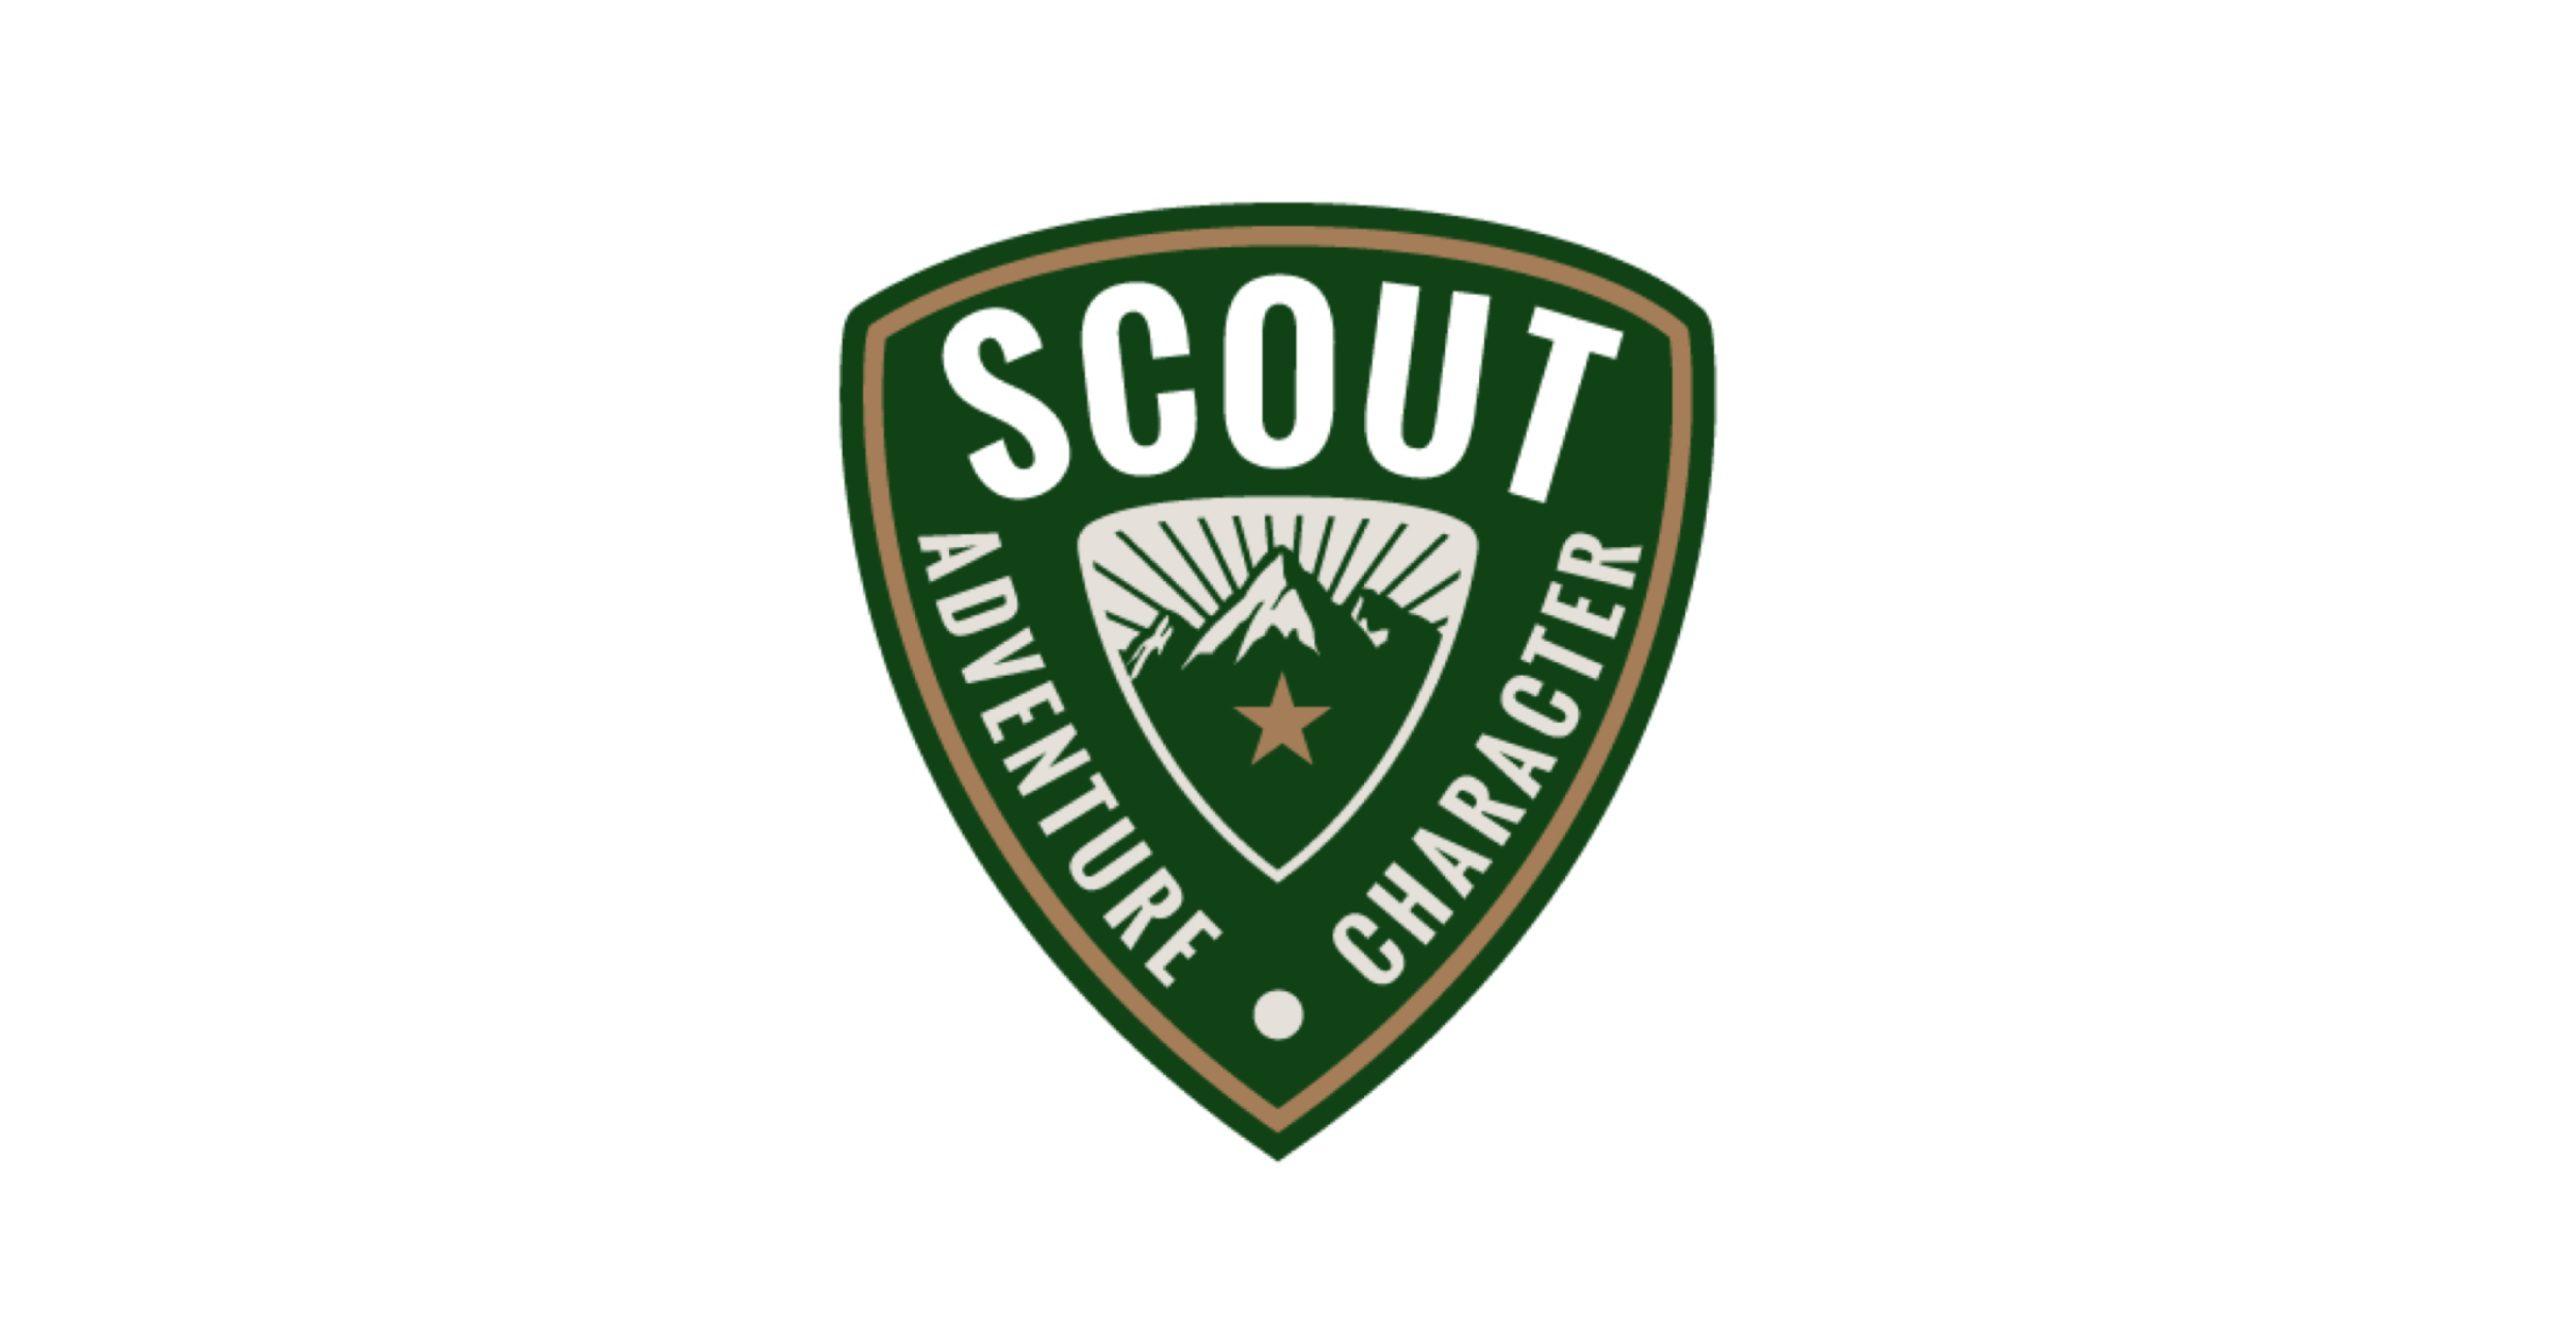 Scouting Events & Activities in NOVA | DullesMoms com